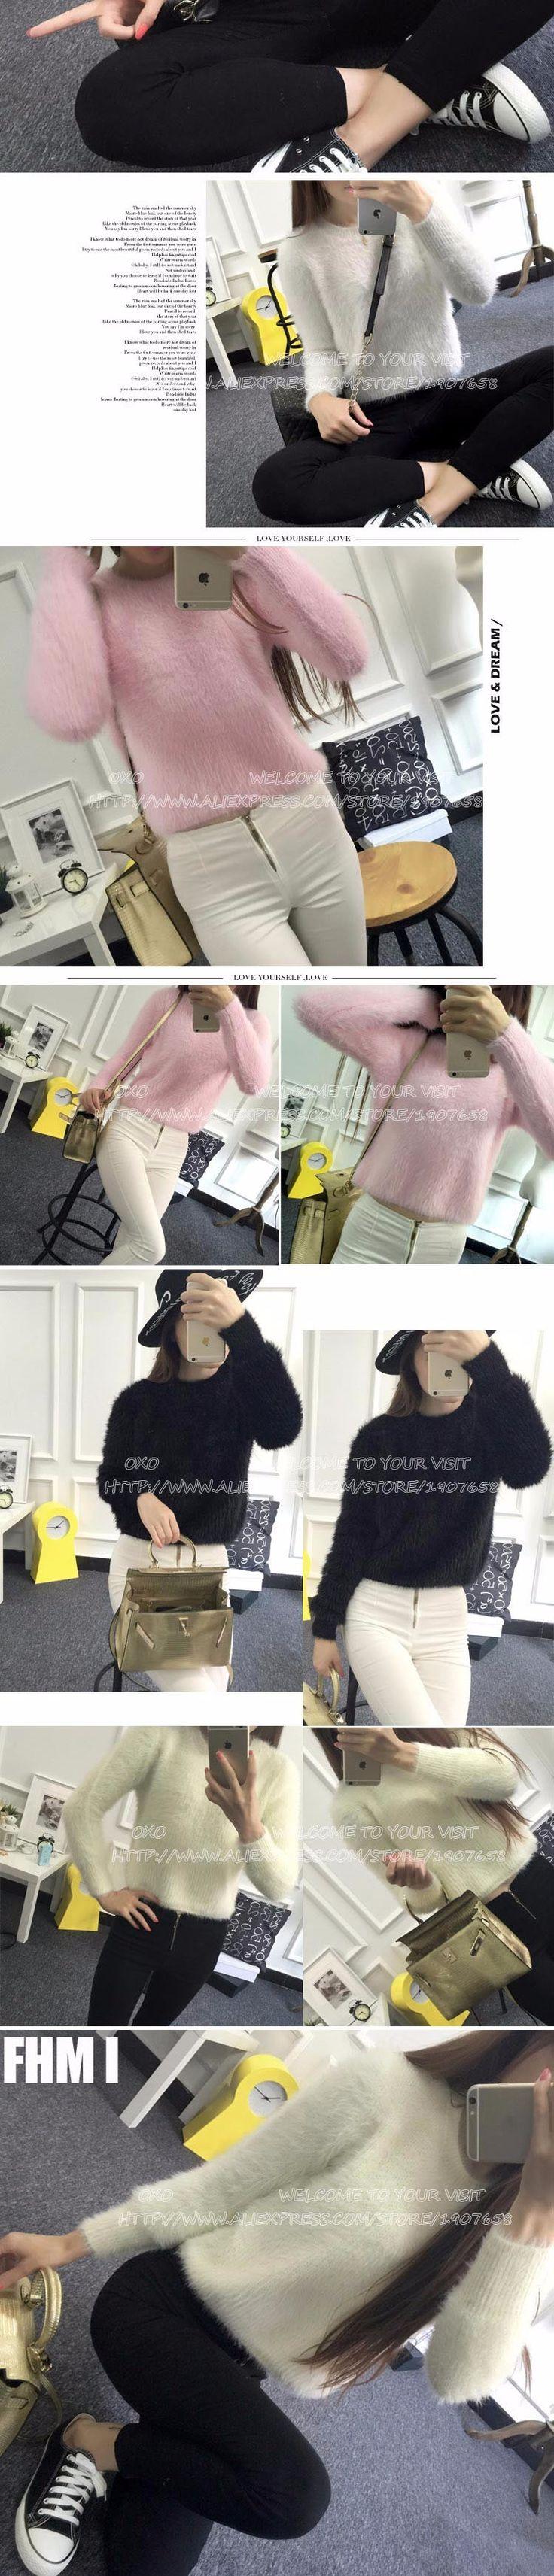 2016 зима мохер свитер женщин хеджирования короткий параграф женский Корейский свитер пальто толстые свободные одежды Колледж ветер C080 купить на AliExpress